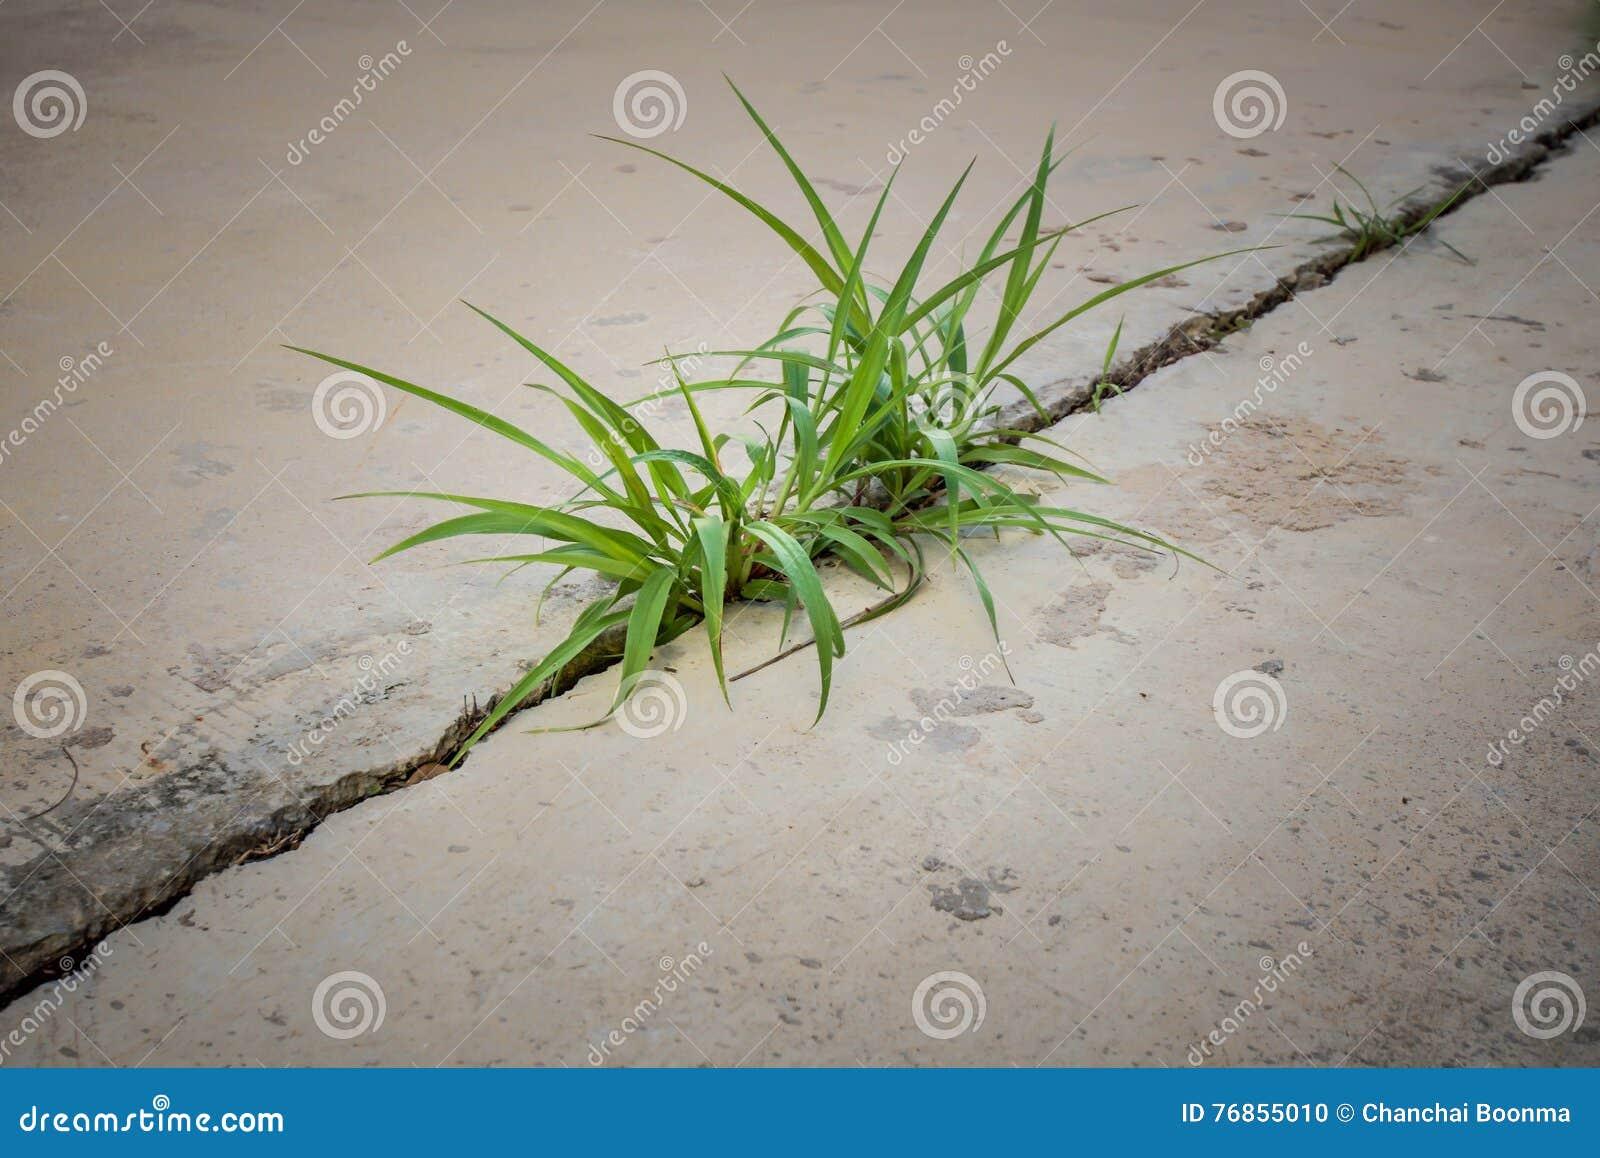 Трава в бетоне как штукатурить стену цементным раствором по маякам